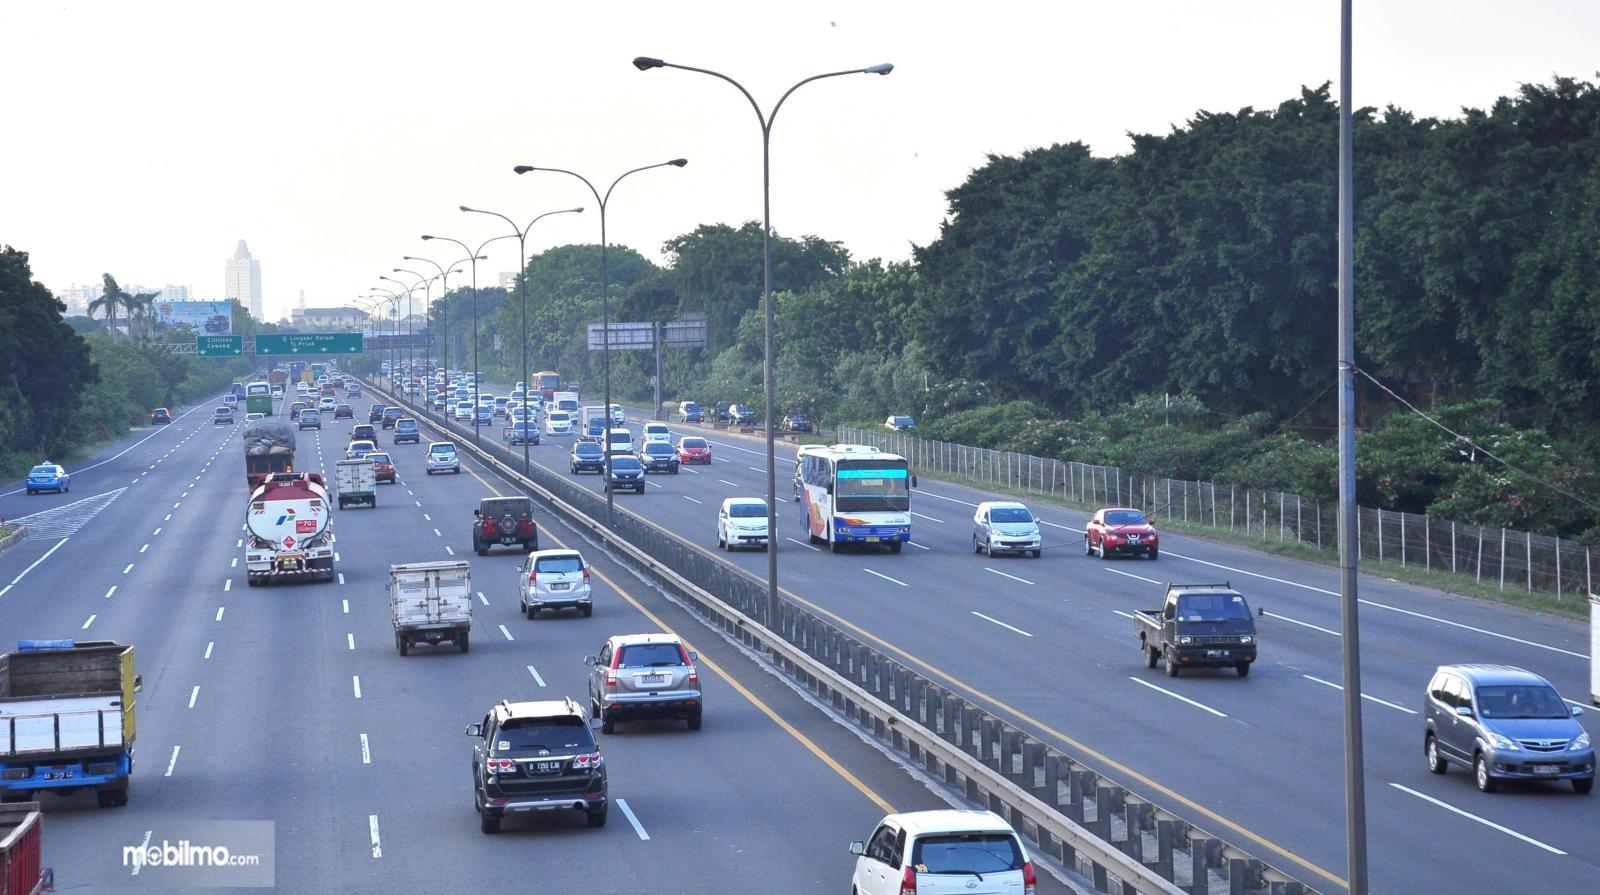 Foto menunjukkan salah satu situasi lalu lintas di jalan tol